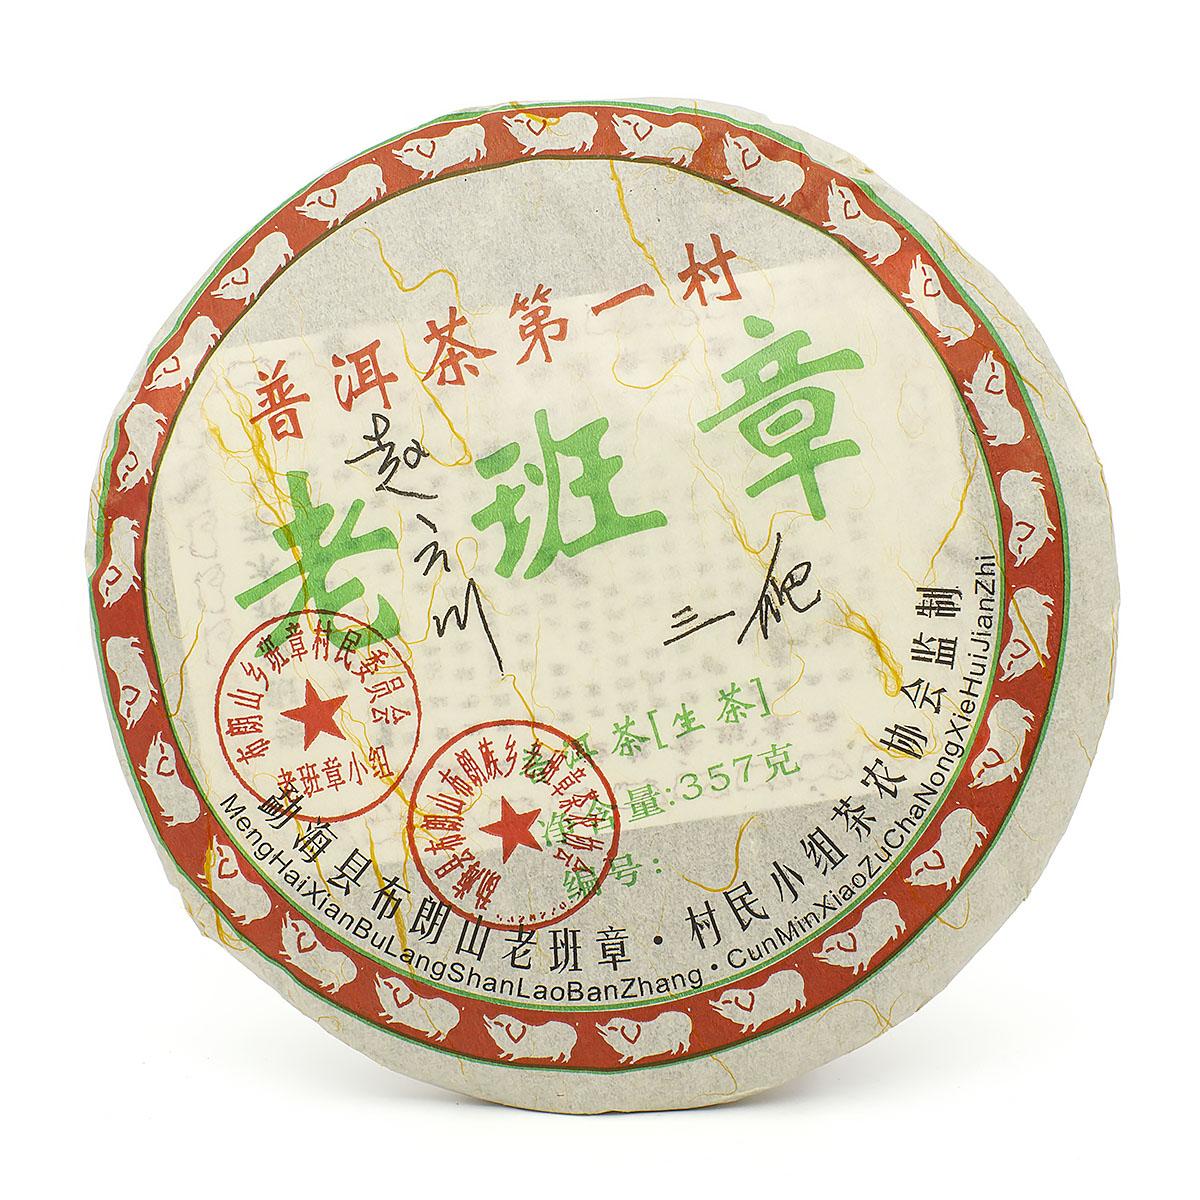 Шен Пуэр Лао Бань Чжан, ручное производство Си Шуан Баньна, Юньнань Мэнхай, 2008 г, блин, 357 гр.